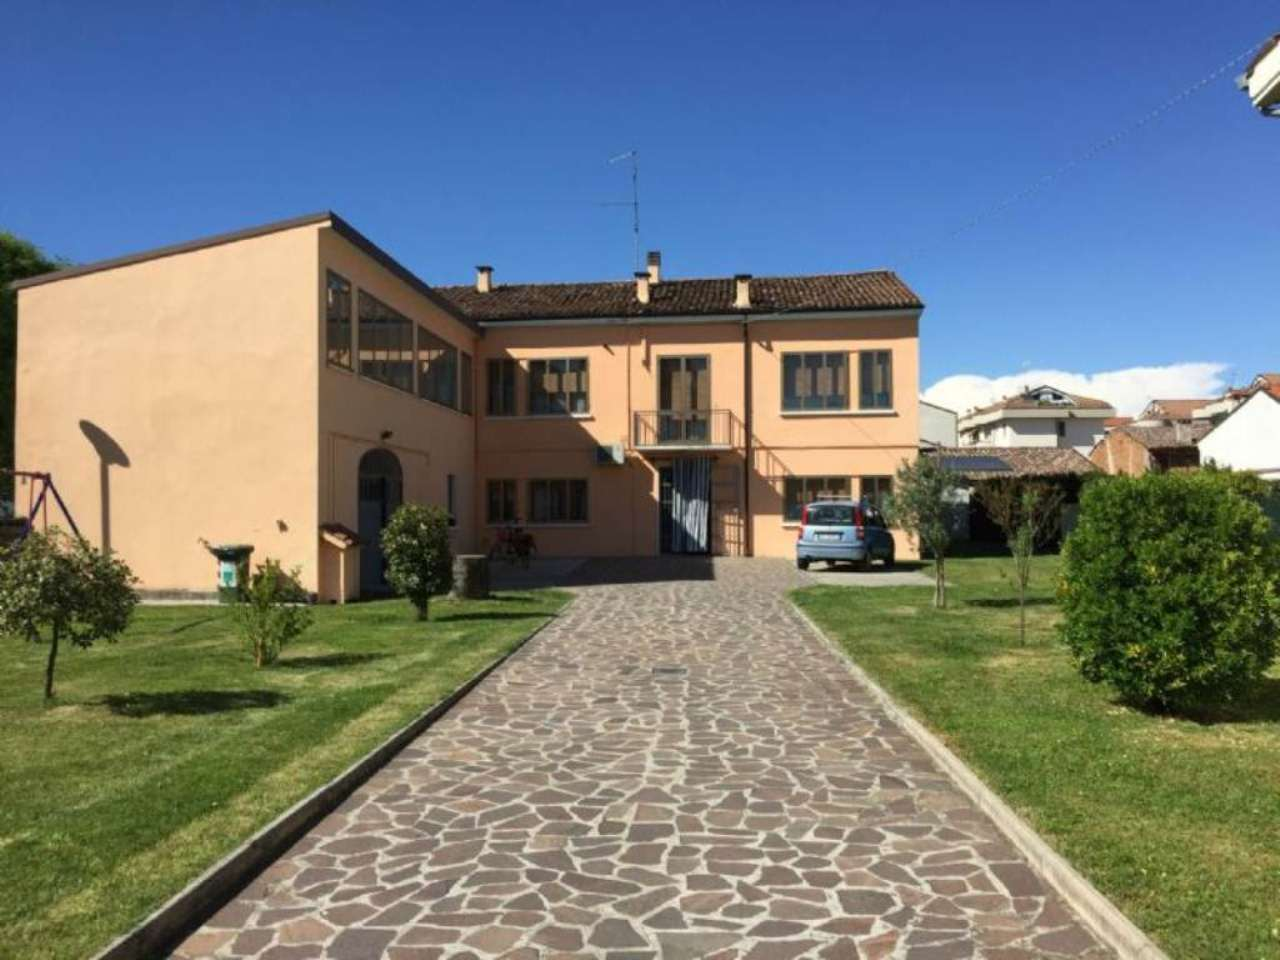 Soluzione Indipendente in vendita a Viadana, 7 locali, prezzo € 240.000 | Cambio Casa.it